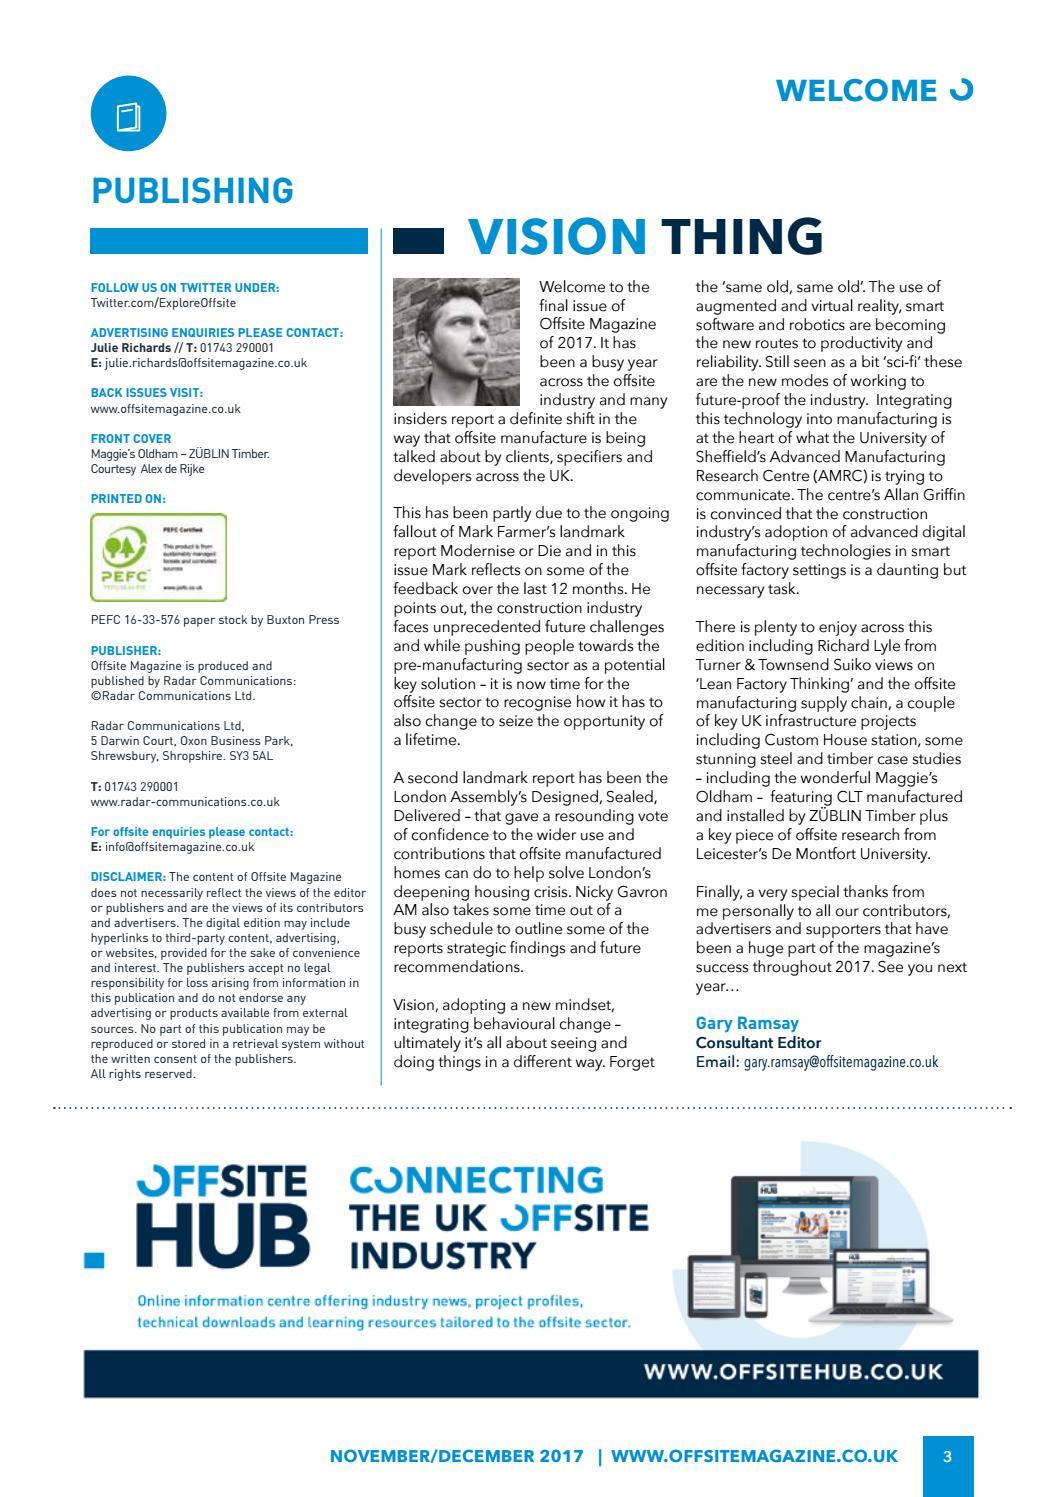 Offsite Magazine - Issue 8 (November/December)